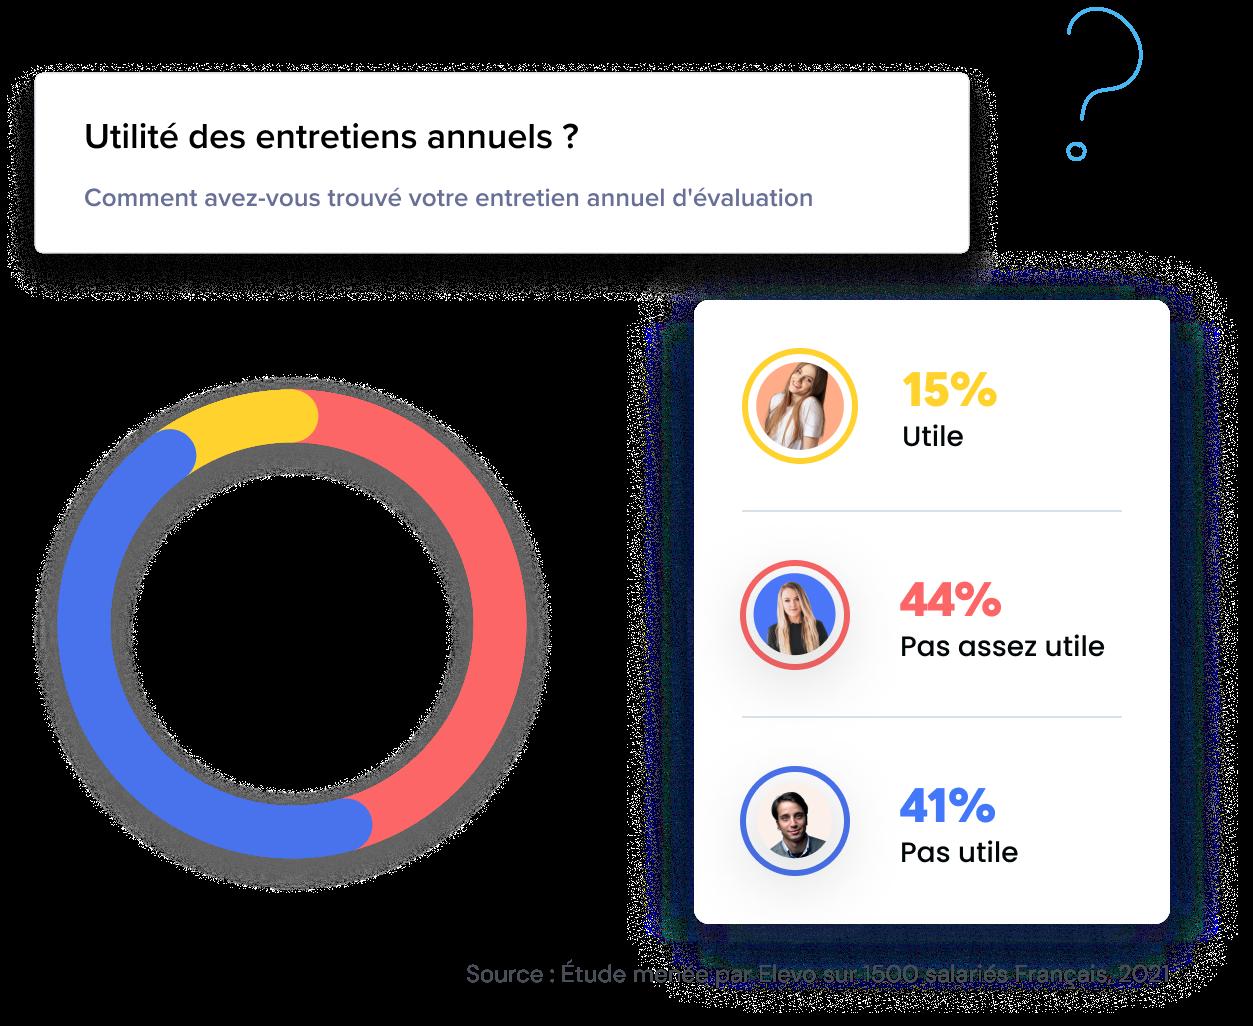 Seulement 15% des salariés français jugent leur entretien annuel utile